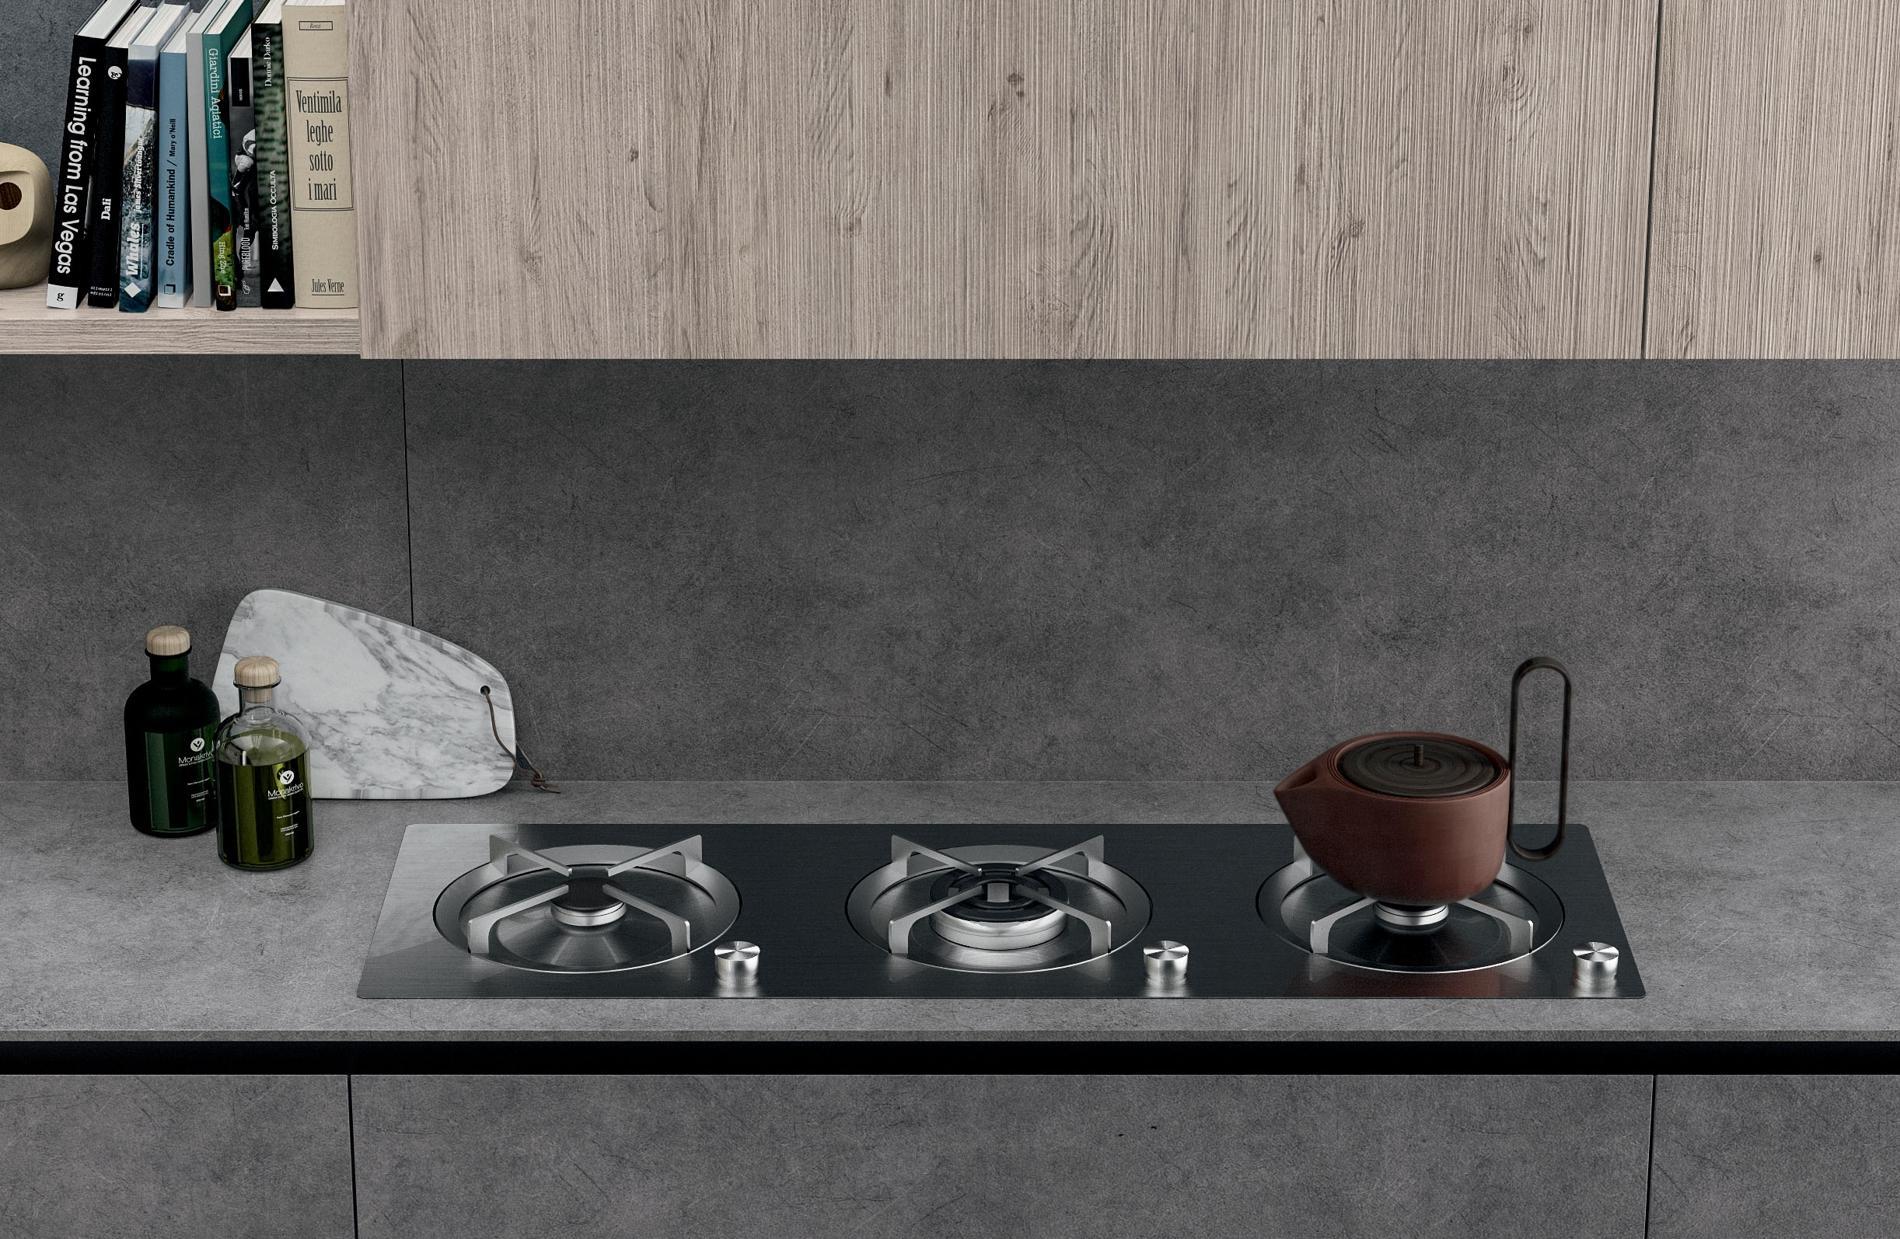 Κουζίνα Laminato HPL argento και πάγκος Laminato HPL argento και Laminato HPL Lenox